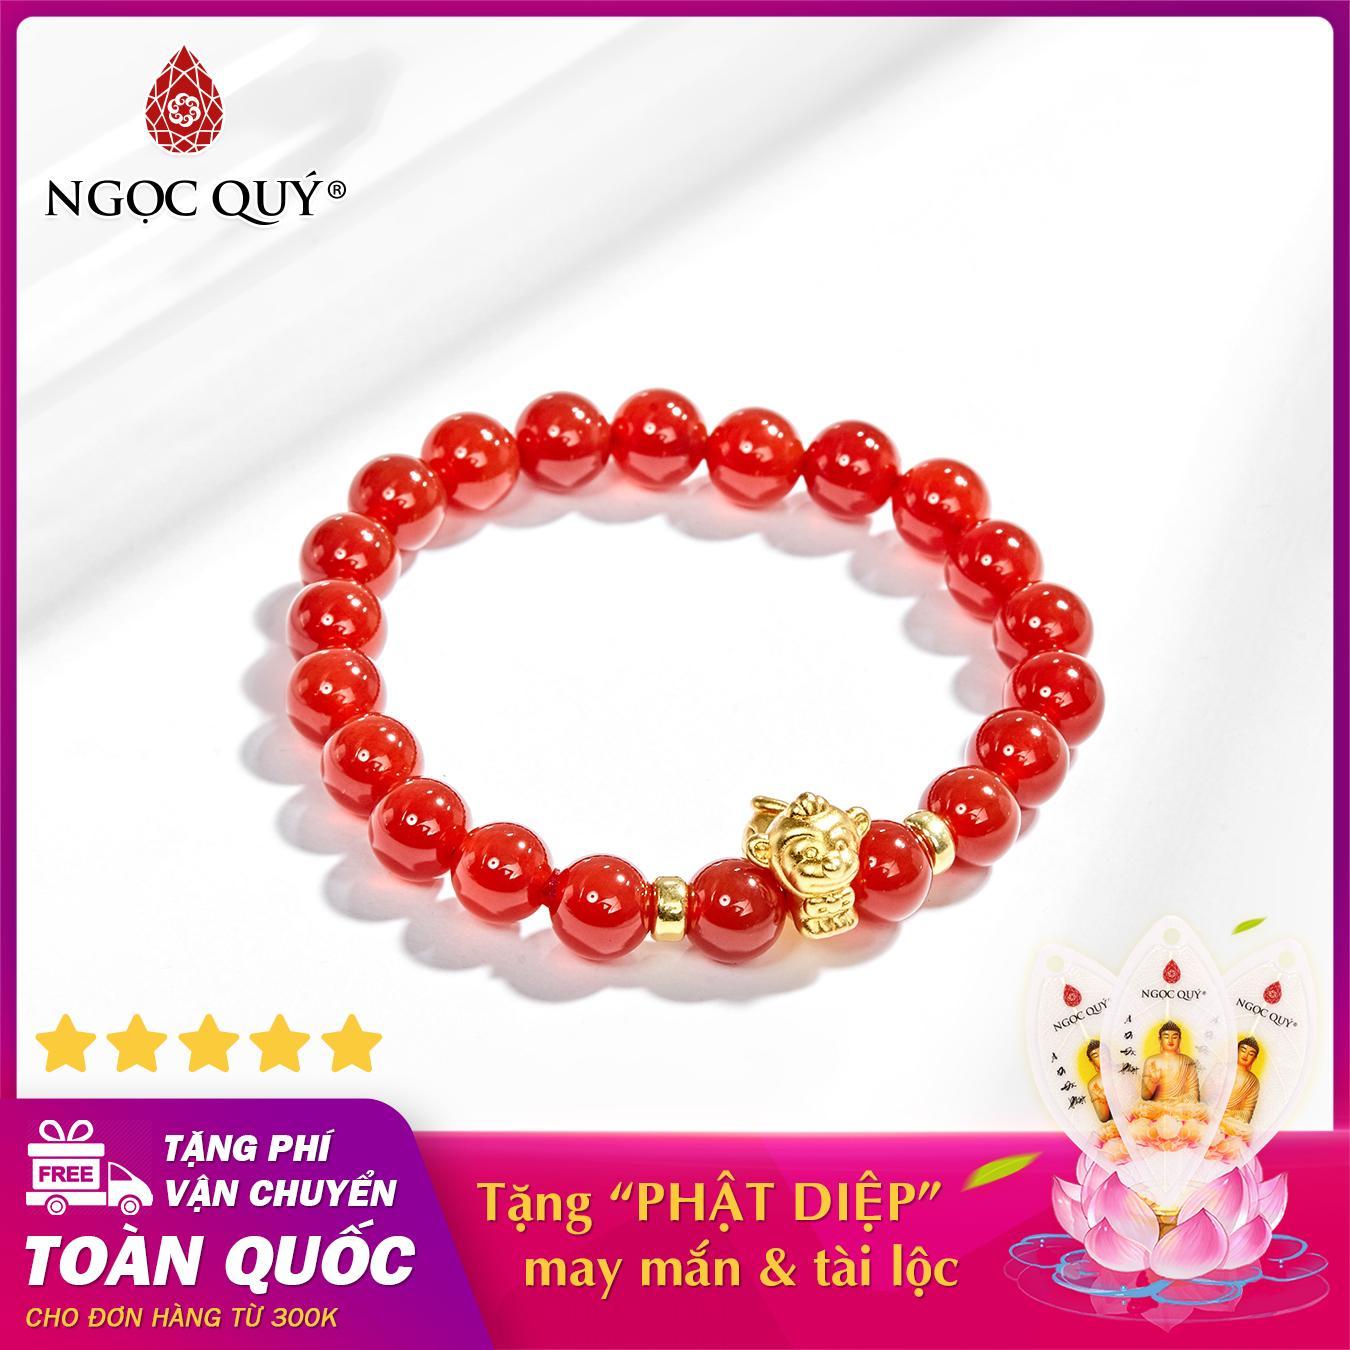 Vòng tay phong thủy đá mã não đỏ charm tuổi thân bạc mạ vàng 24k 8mm mệnh hỏa , thổ - Ngọc Quý Gemstones